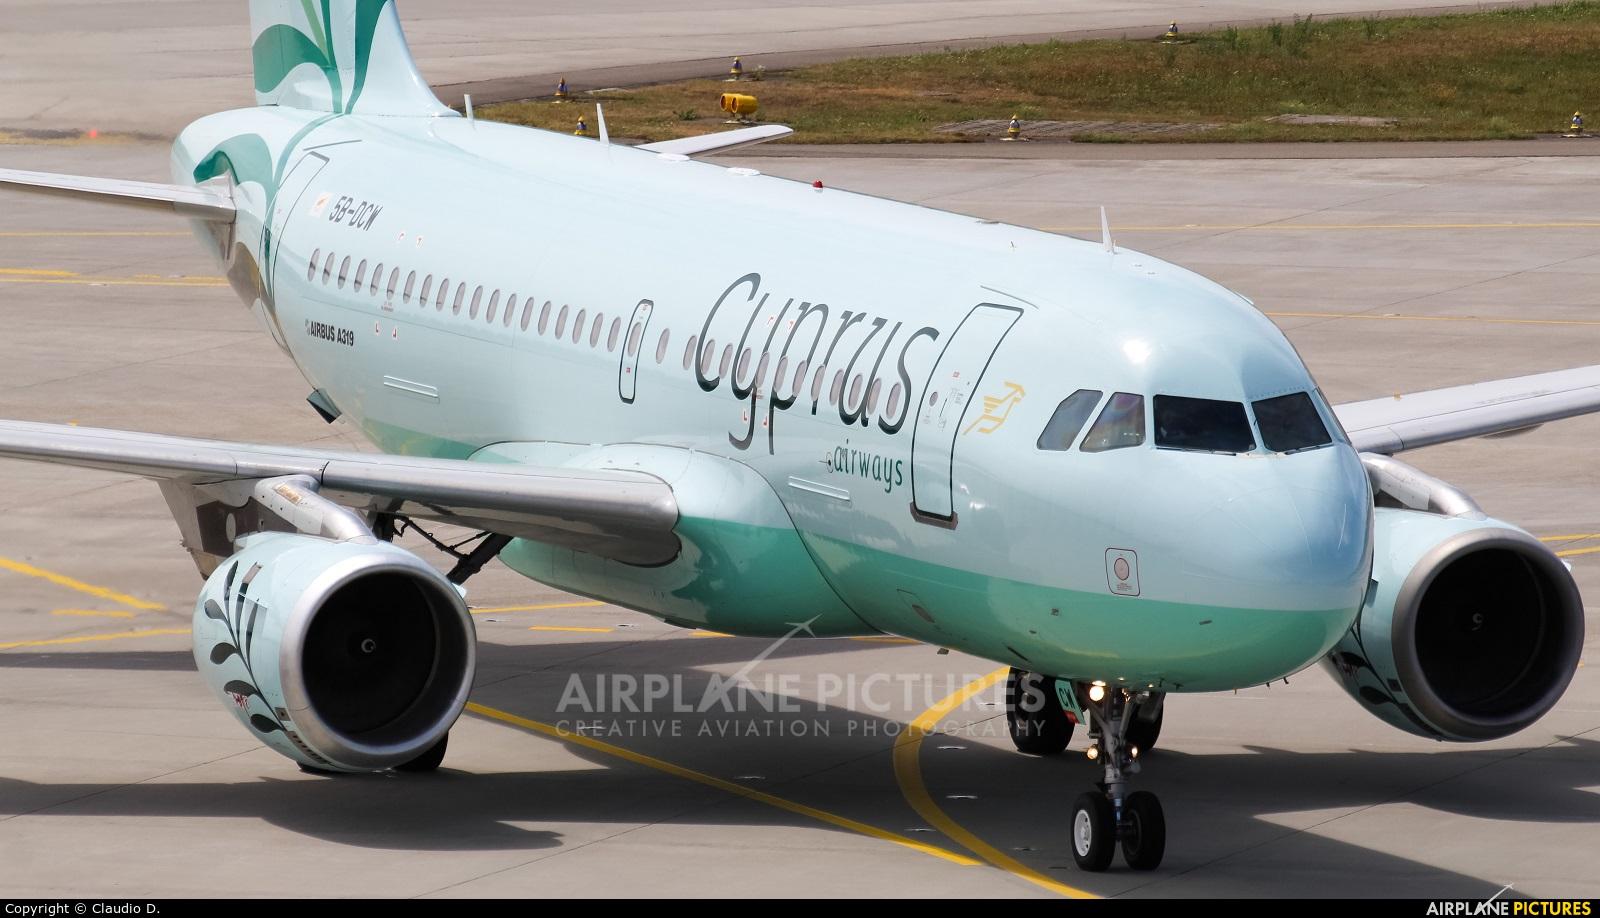 Cyprus Airways 5B-DCW aircraft at Zurich